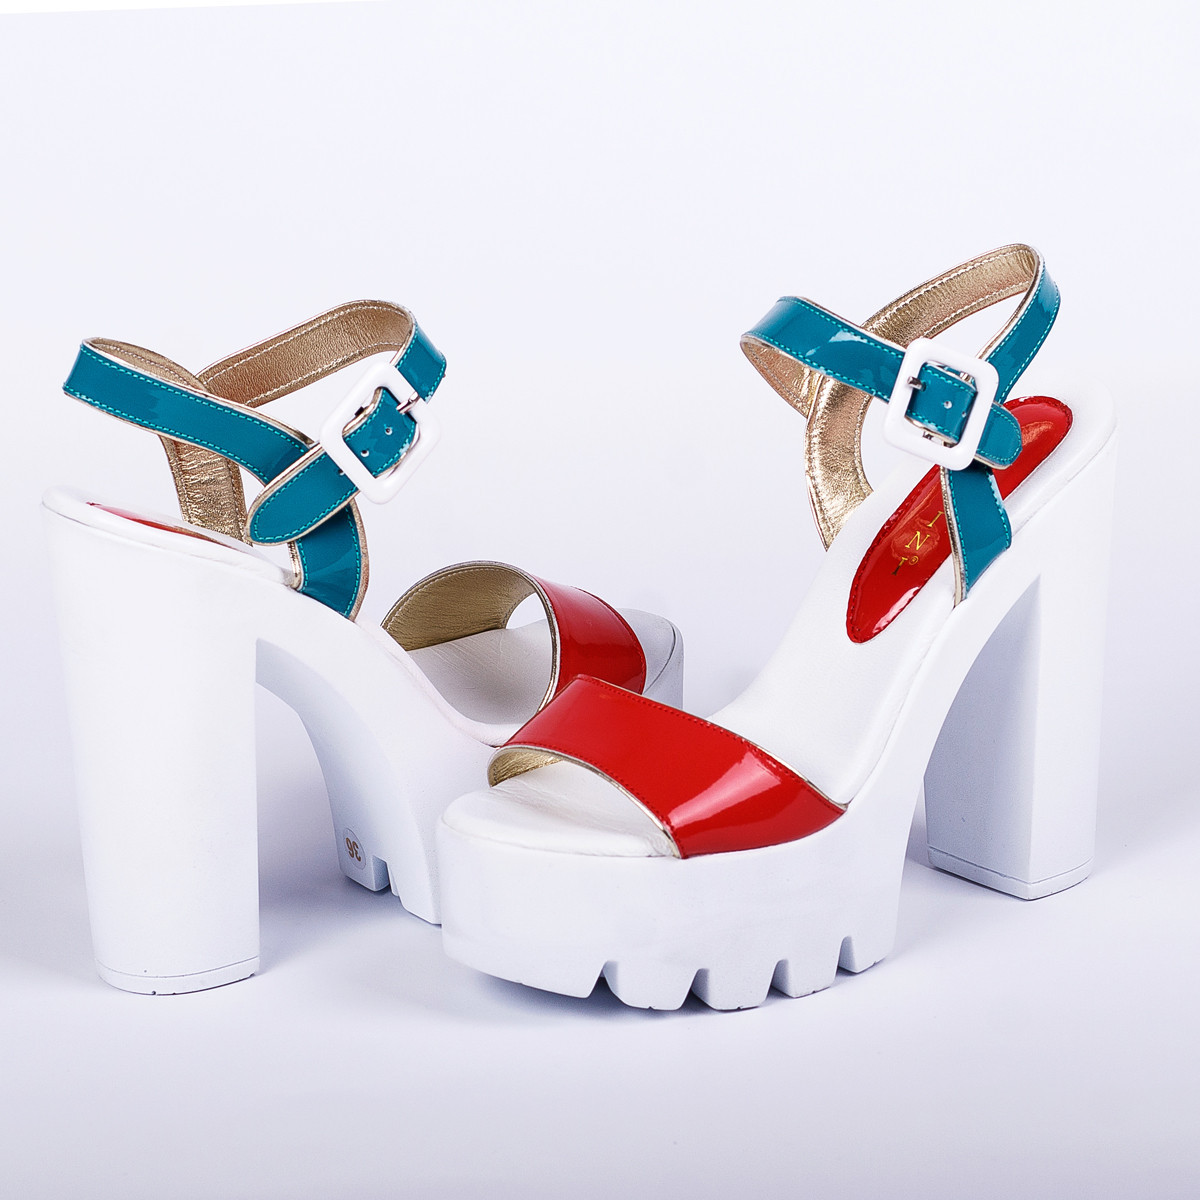 eef6fde5d Стильные босоножки на высоком каблуке Lottini - Интернет-магазин женской и  мужской обуви Krok в